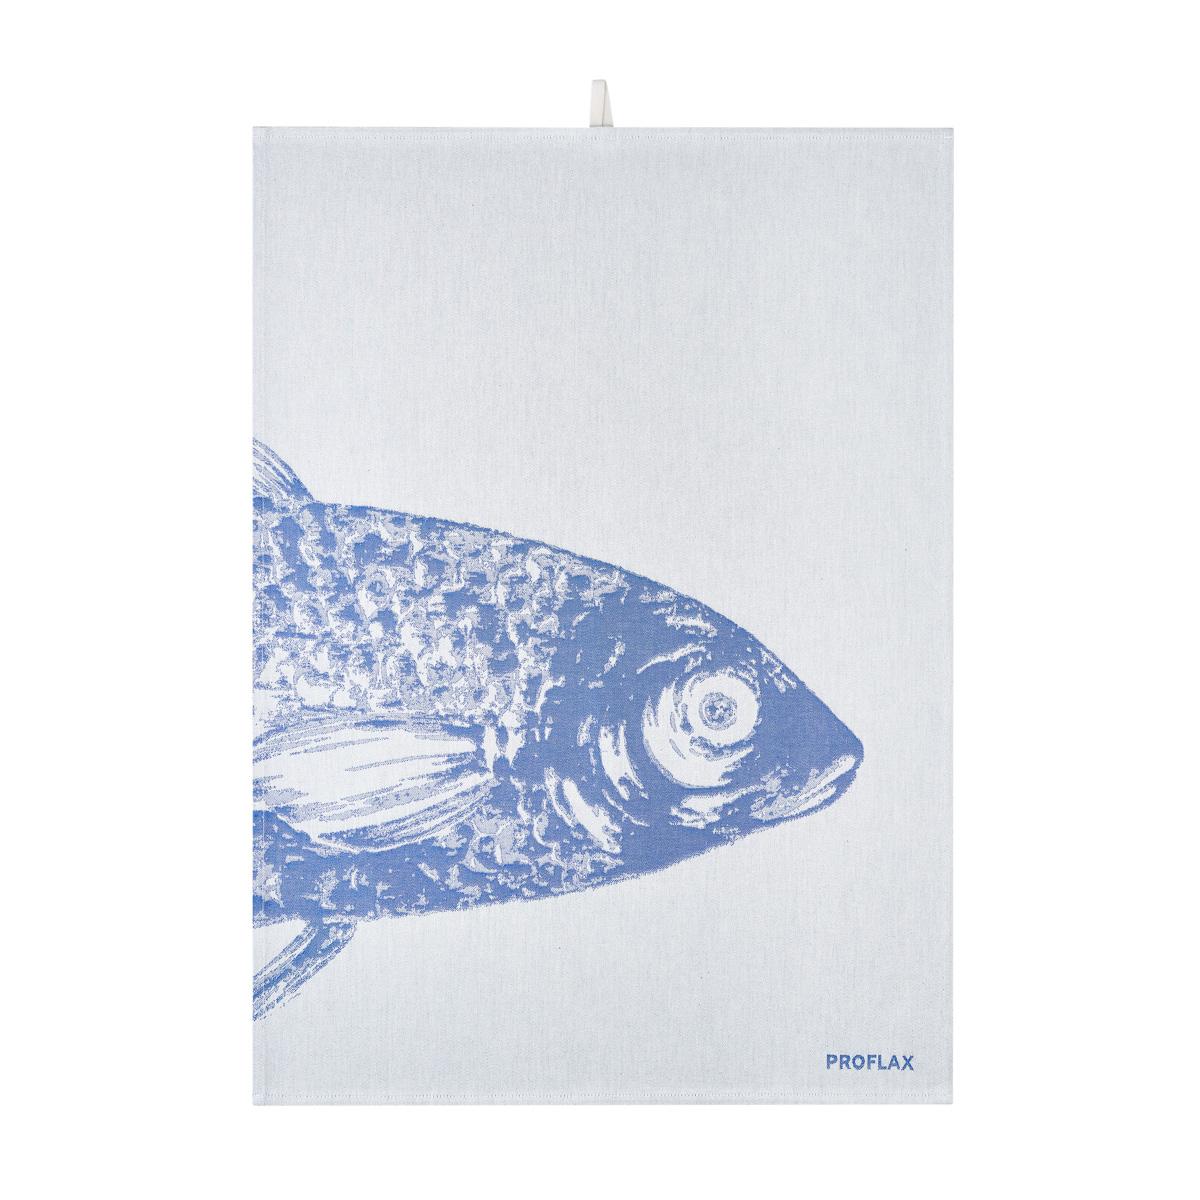 PROFLAX Geschirrtuch, 2er Set, Motiv Fische blau/grau, 50x70cm, 100% Baumwolle